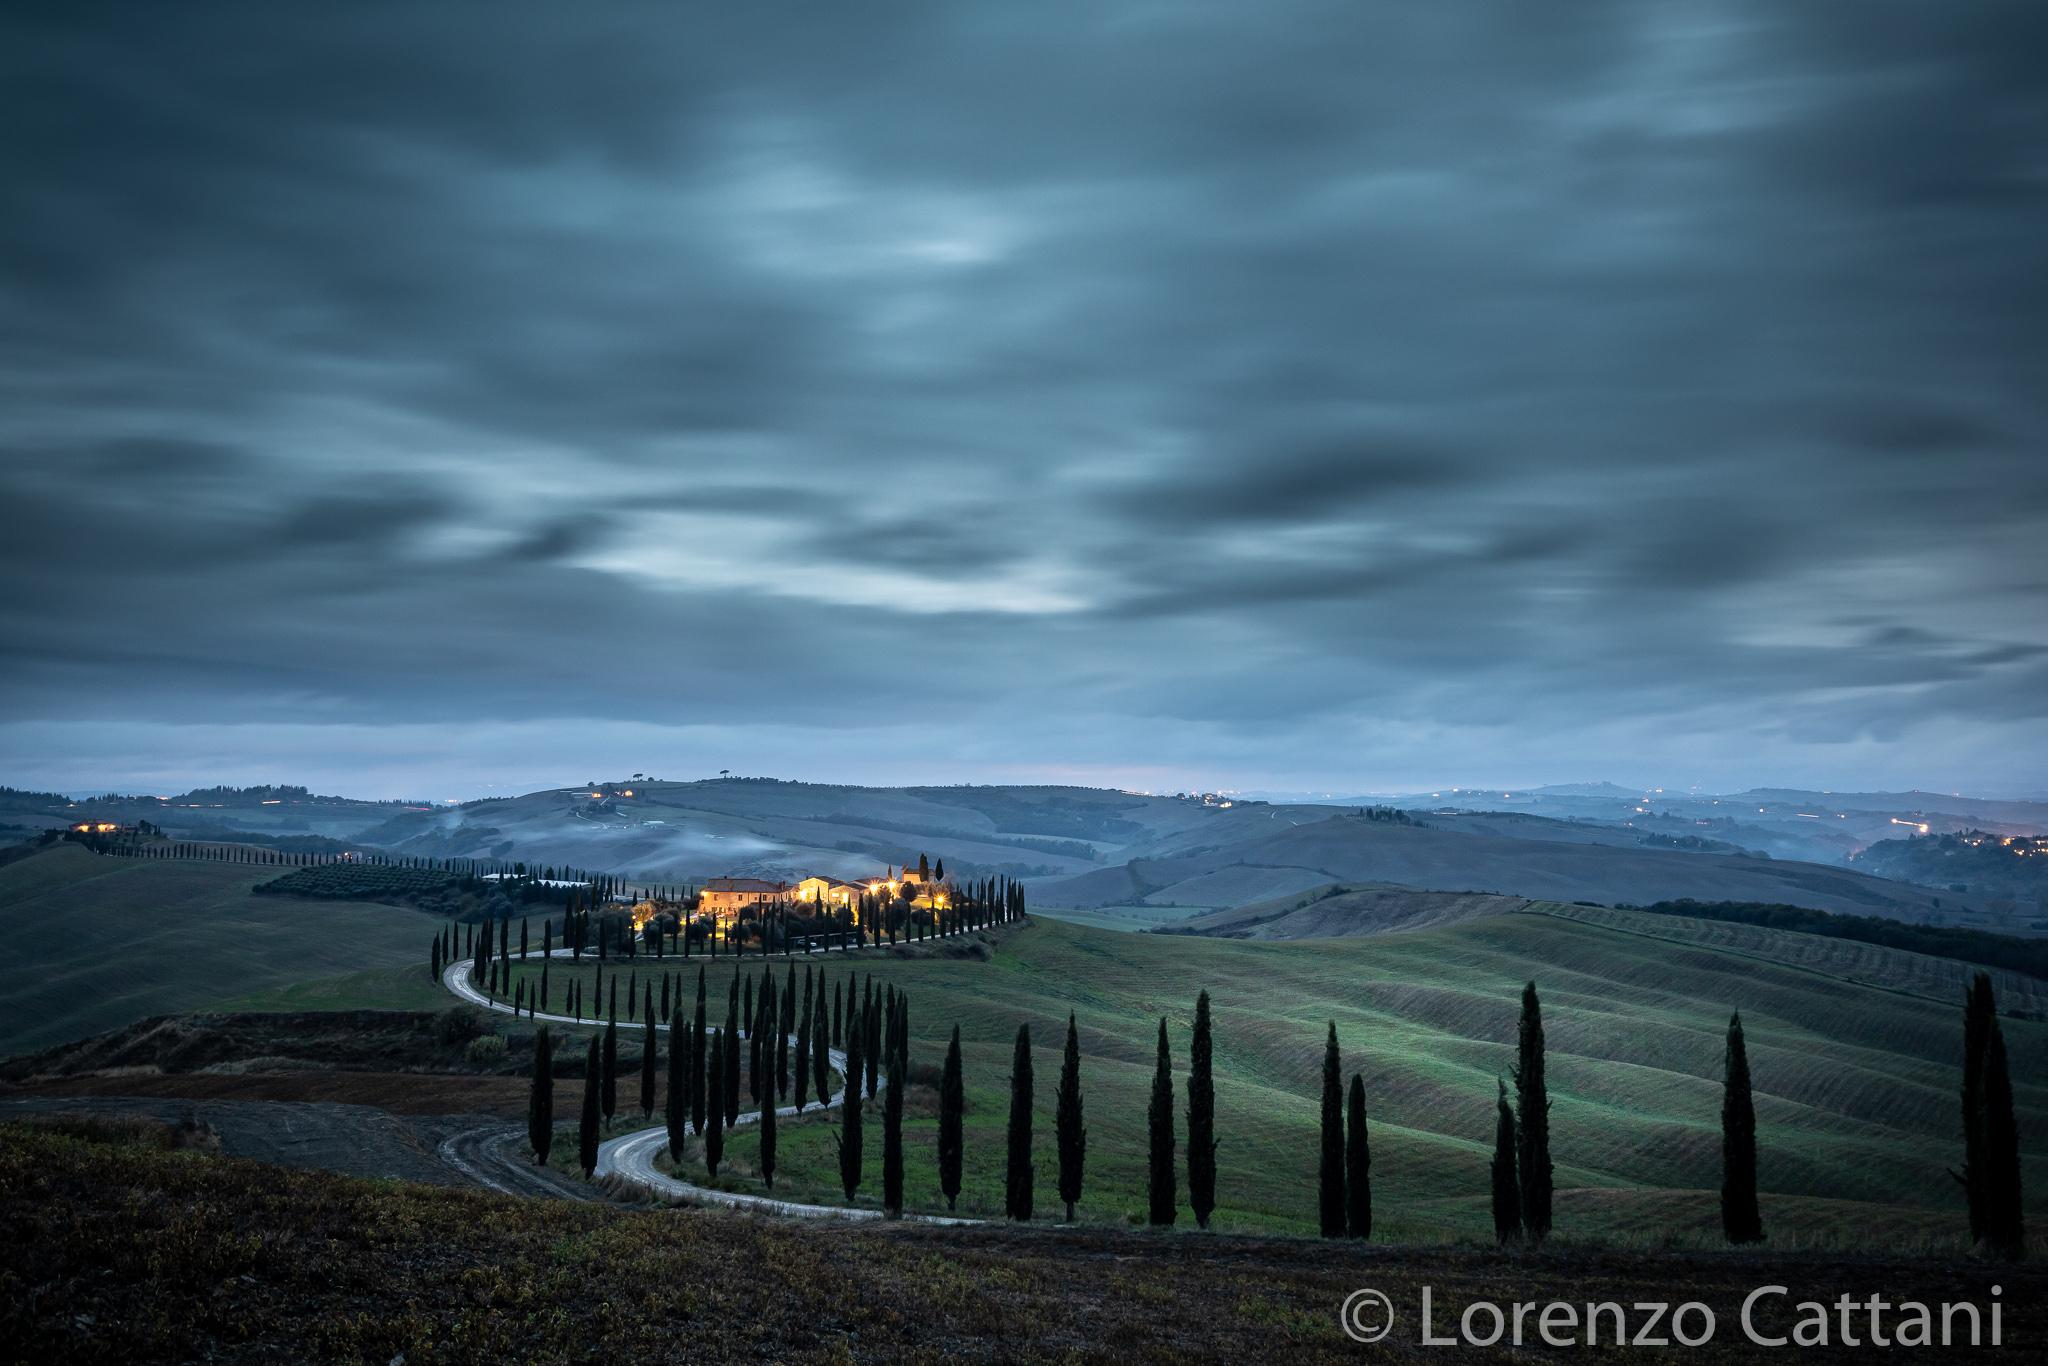 il Viale dei Cipressi, Italy